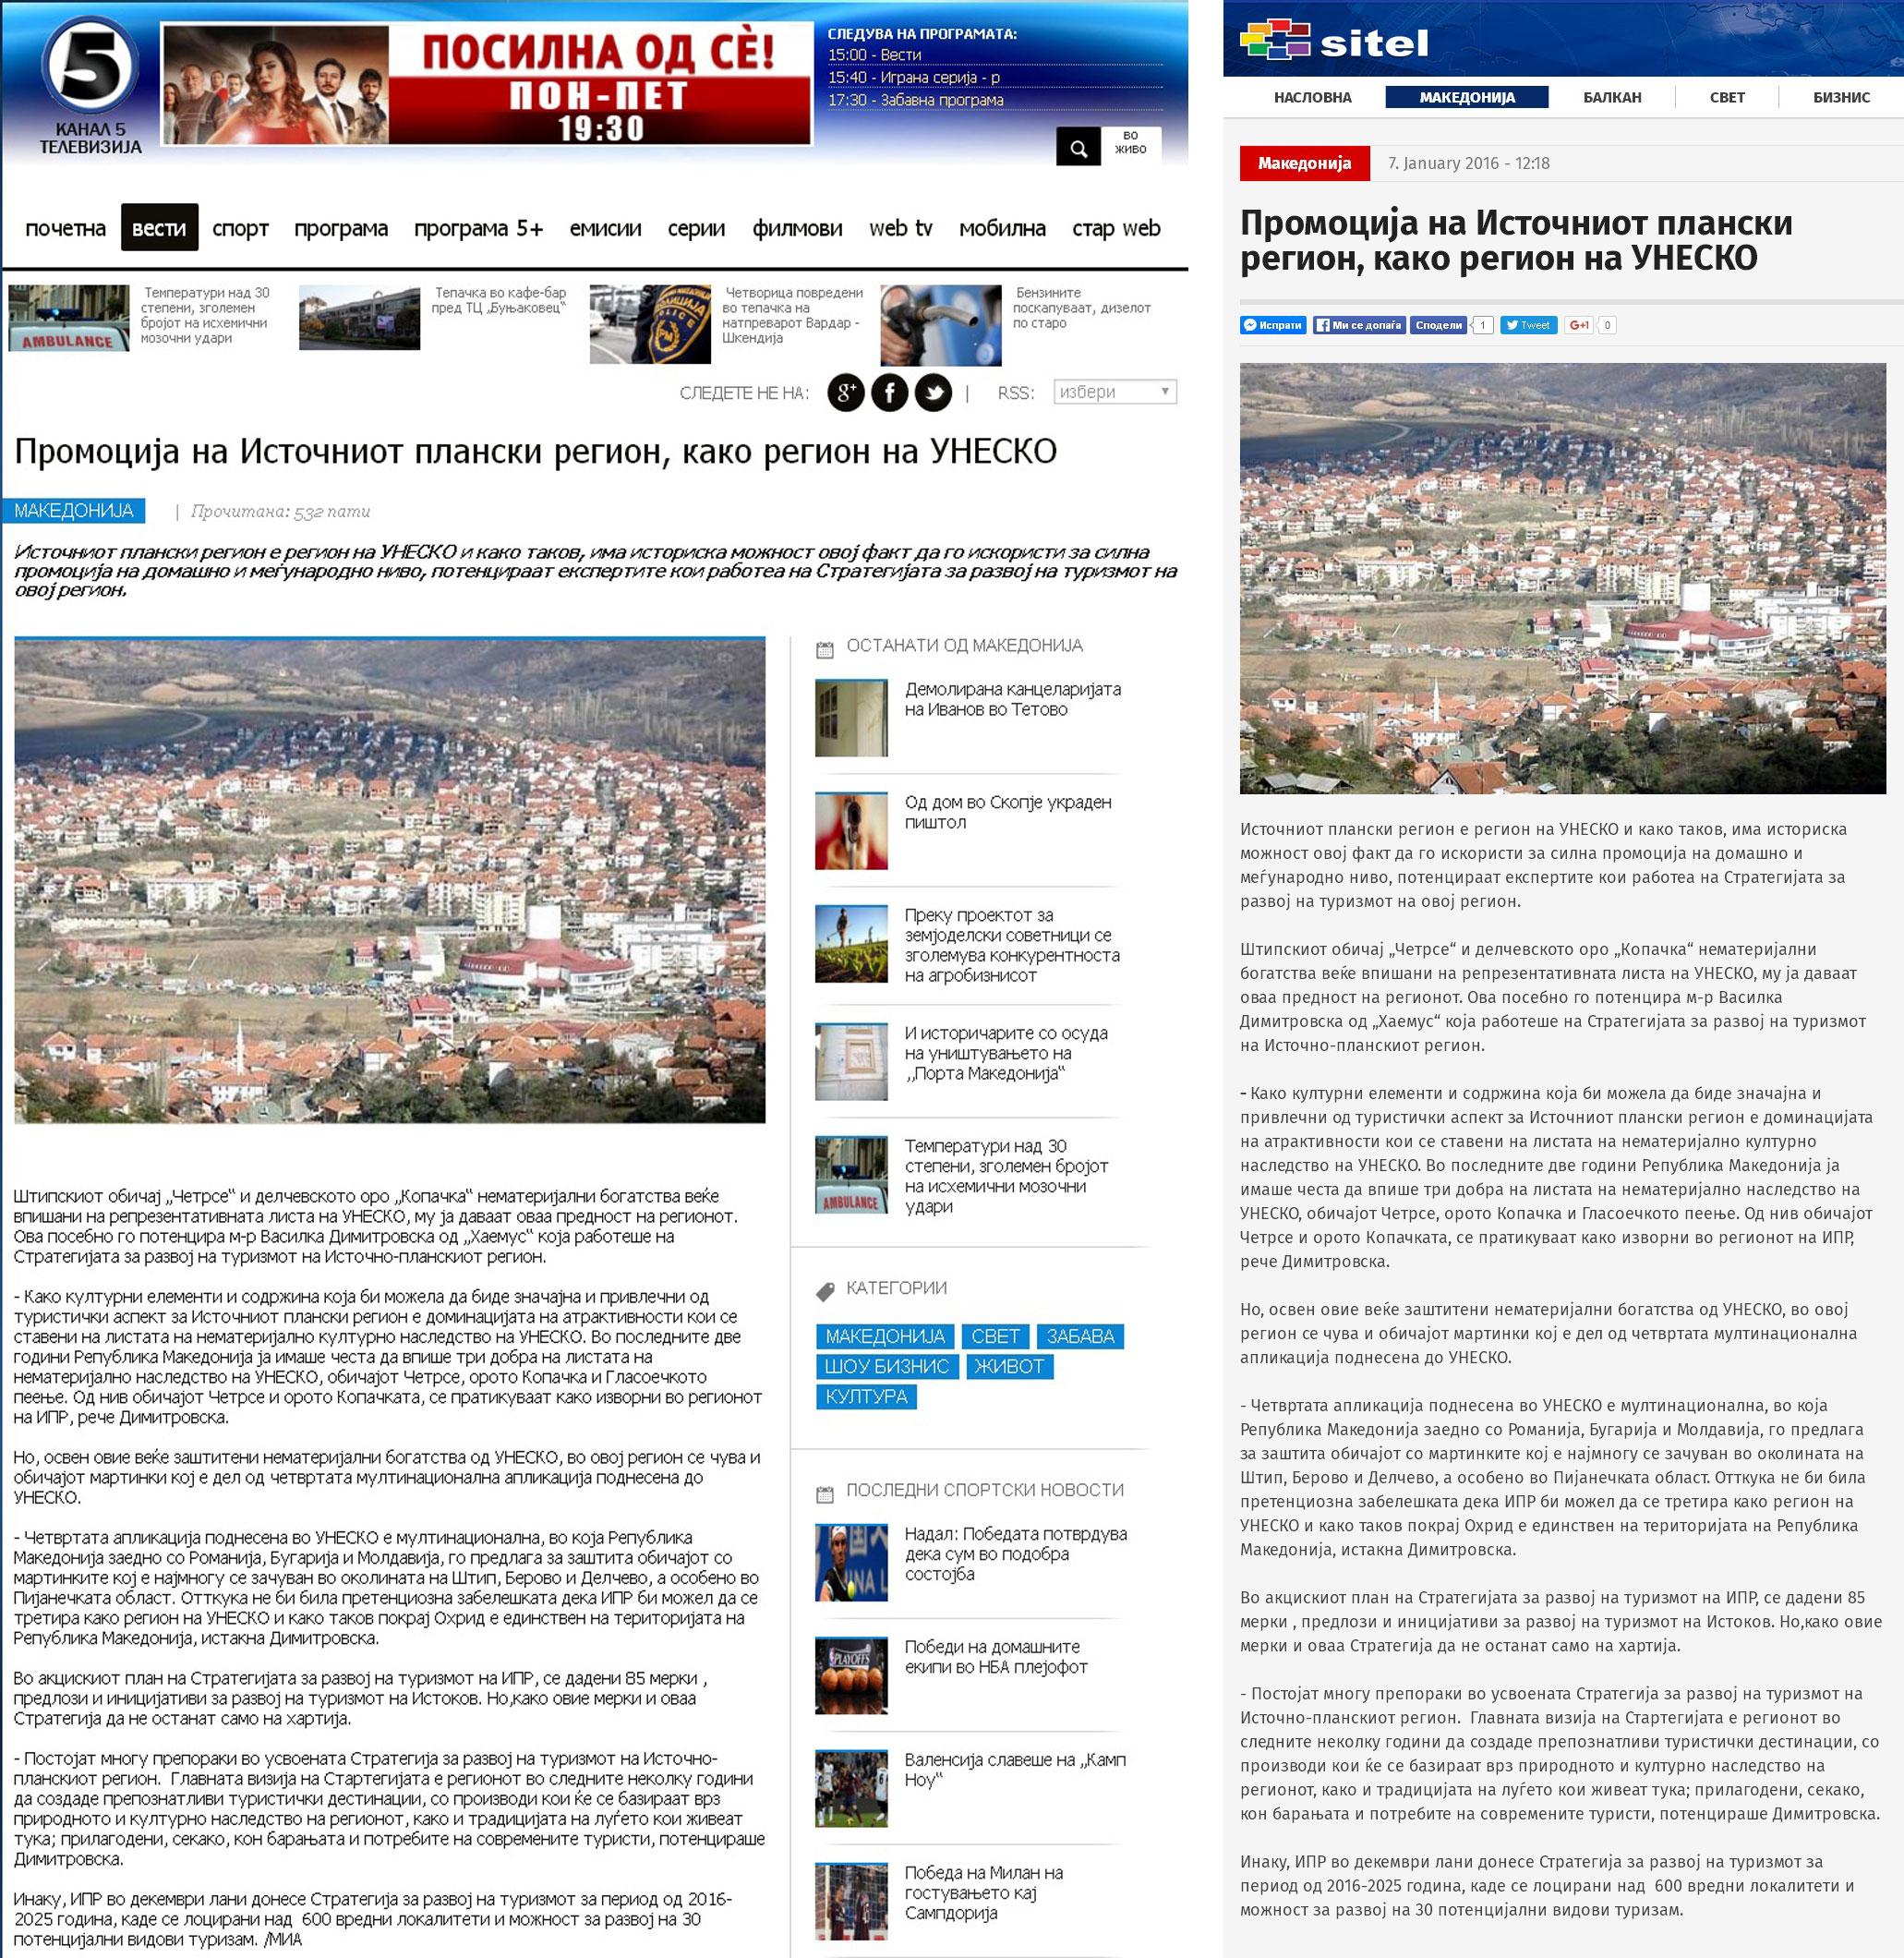 EPR__UNESCO_HAEMUS_kanal_5_sitel